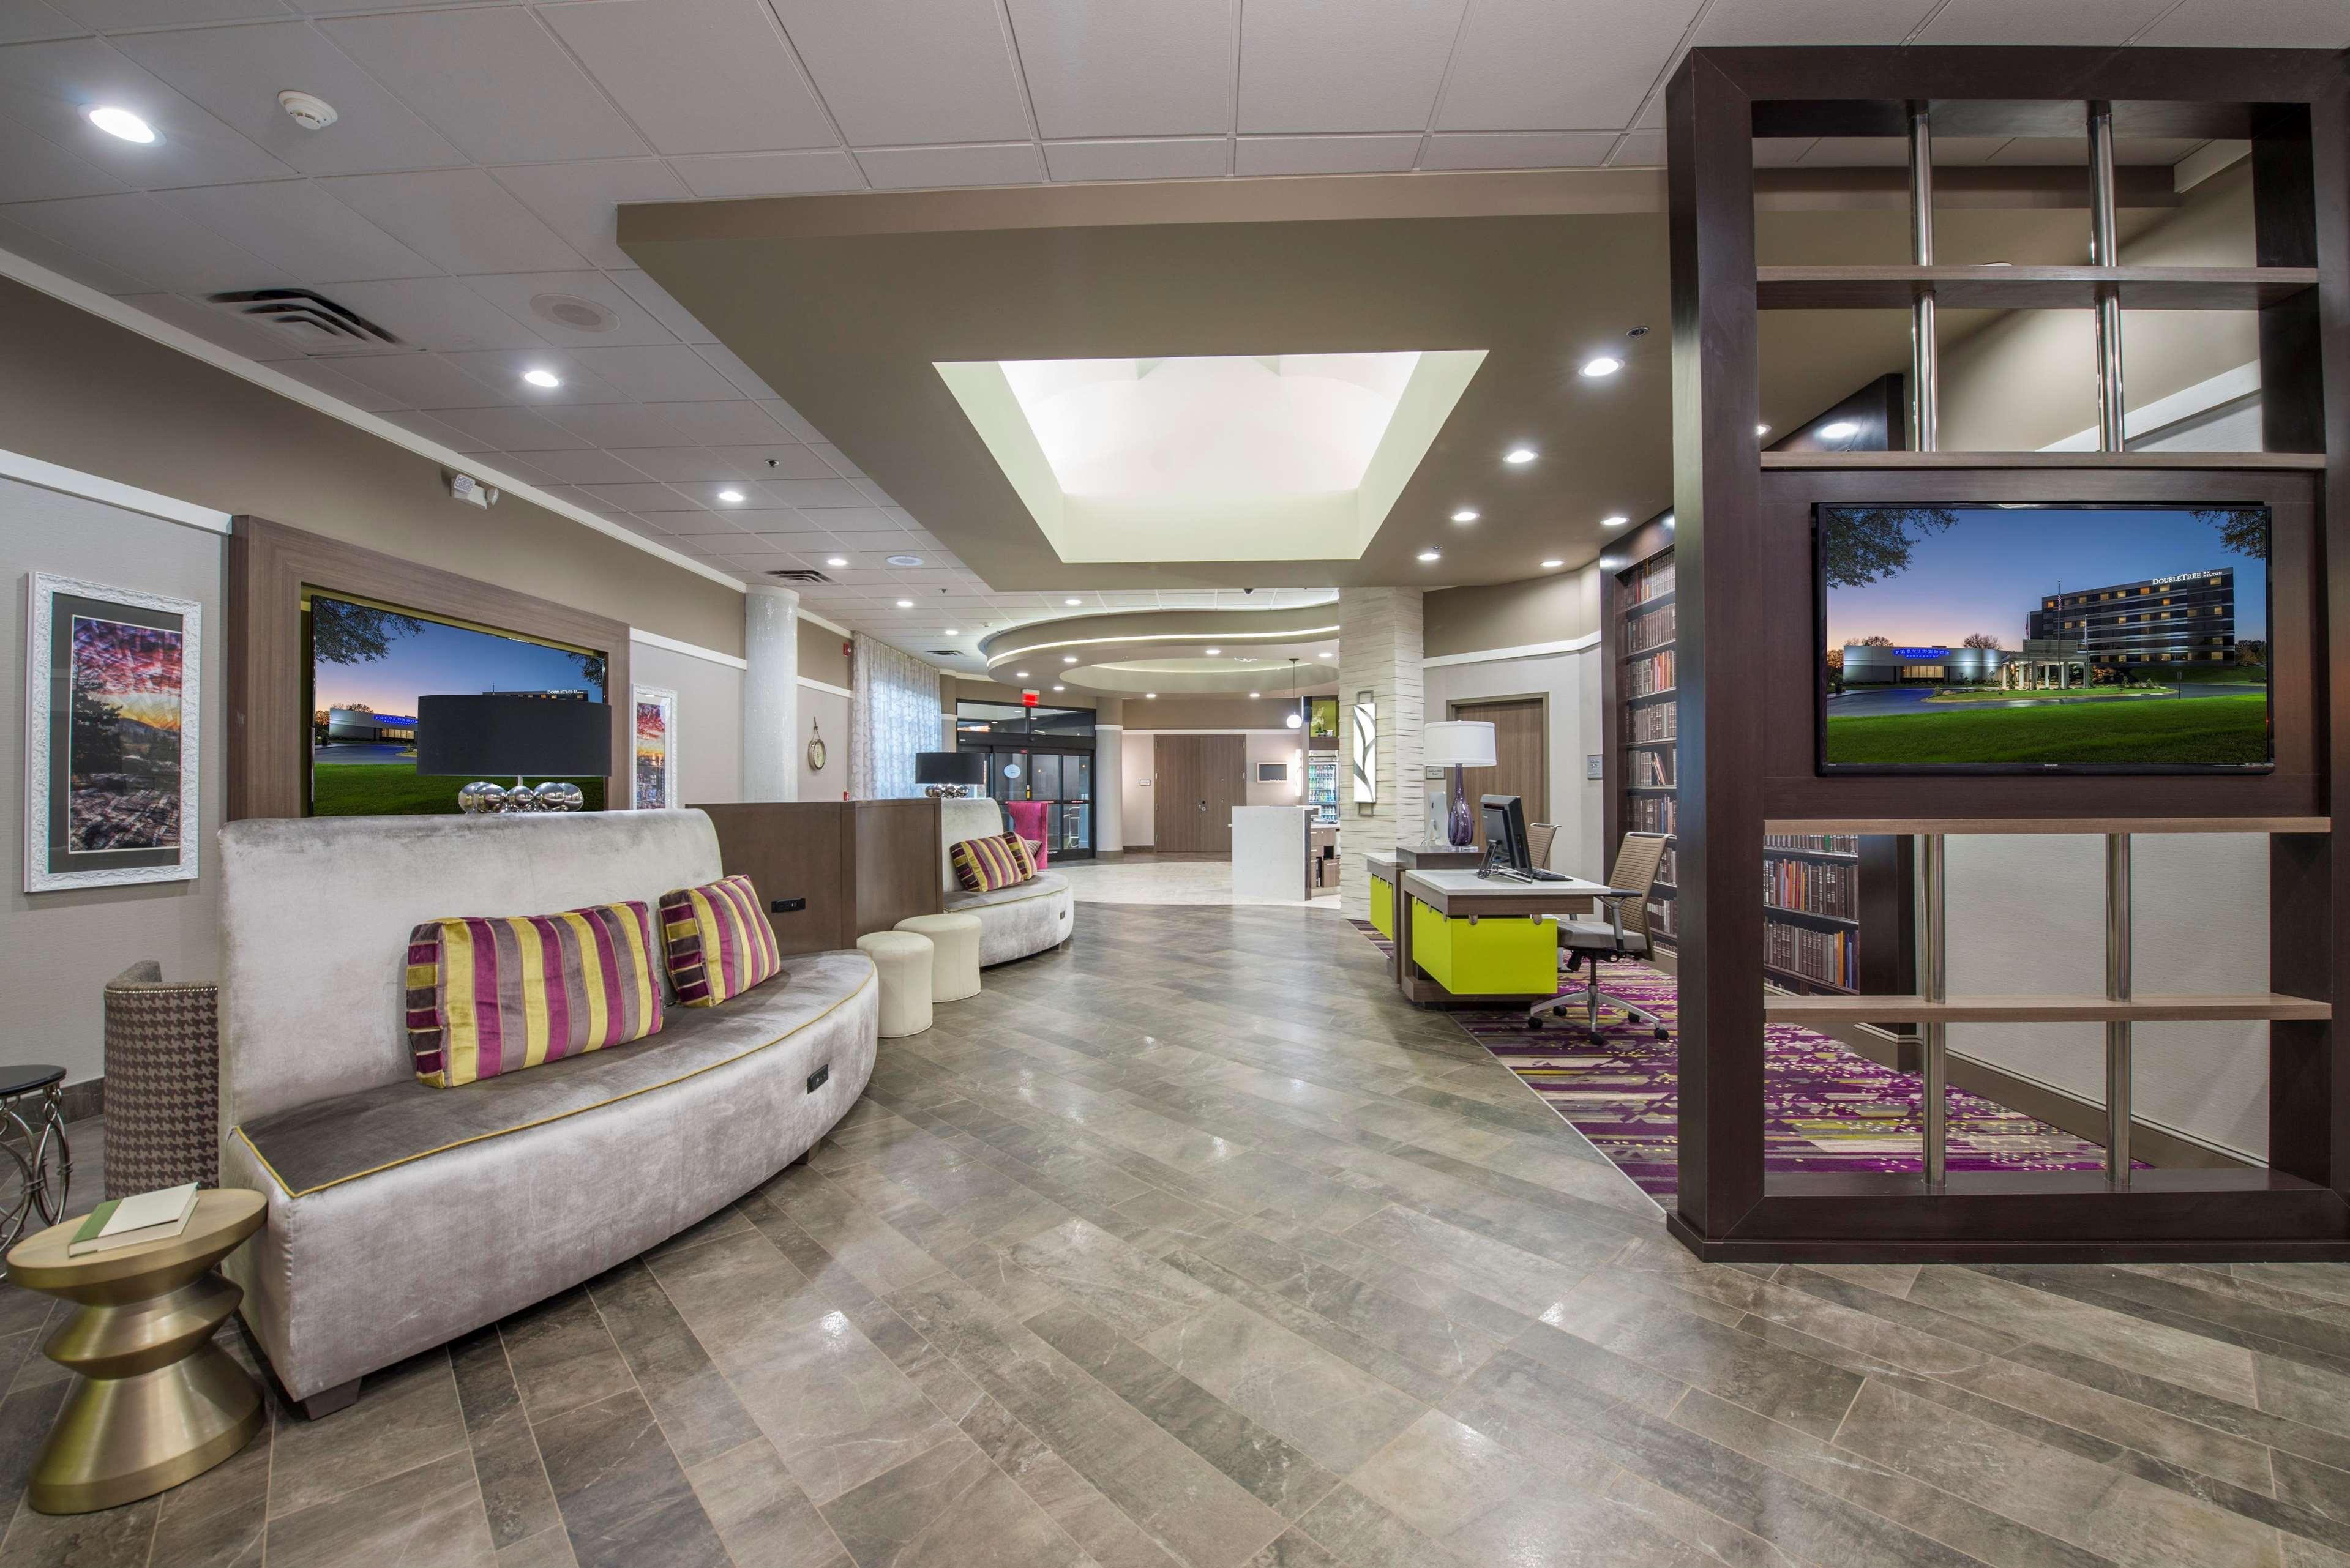 DoubleTree by Hilton Hotel Winston Salem - University image 15